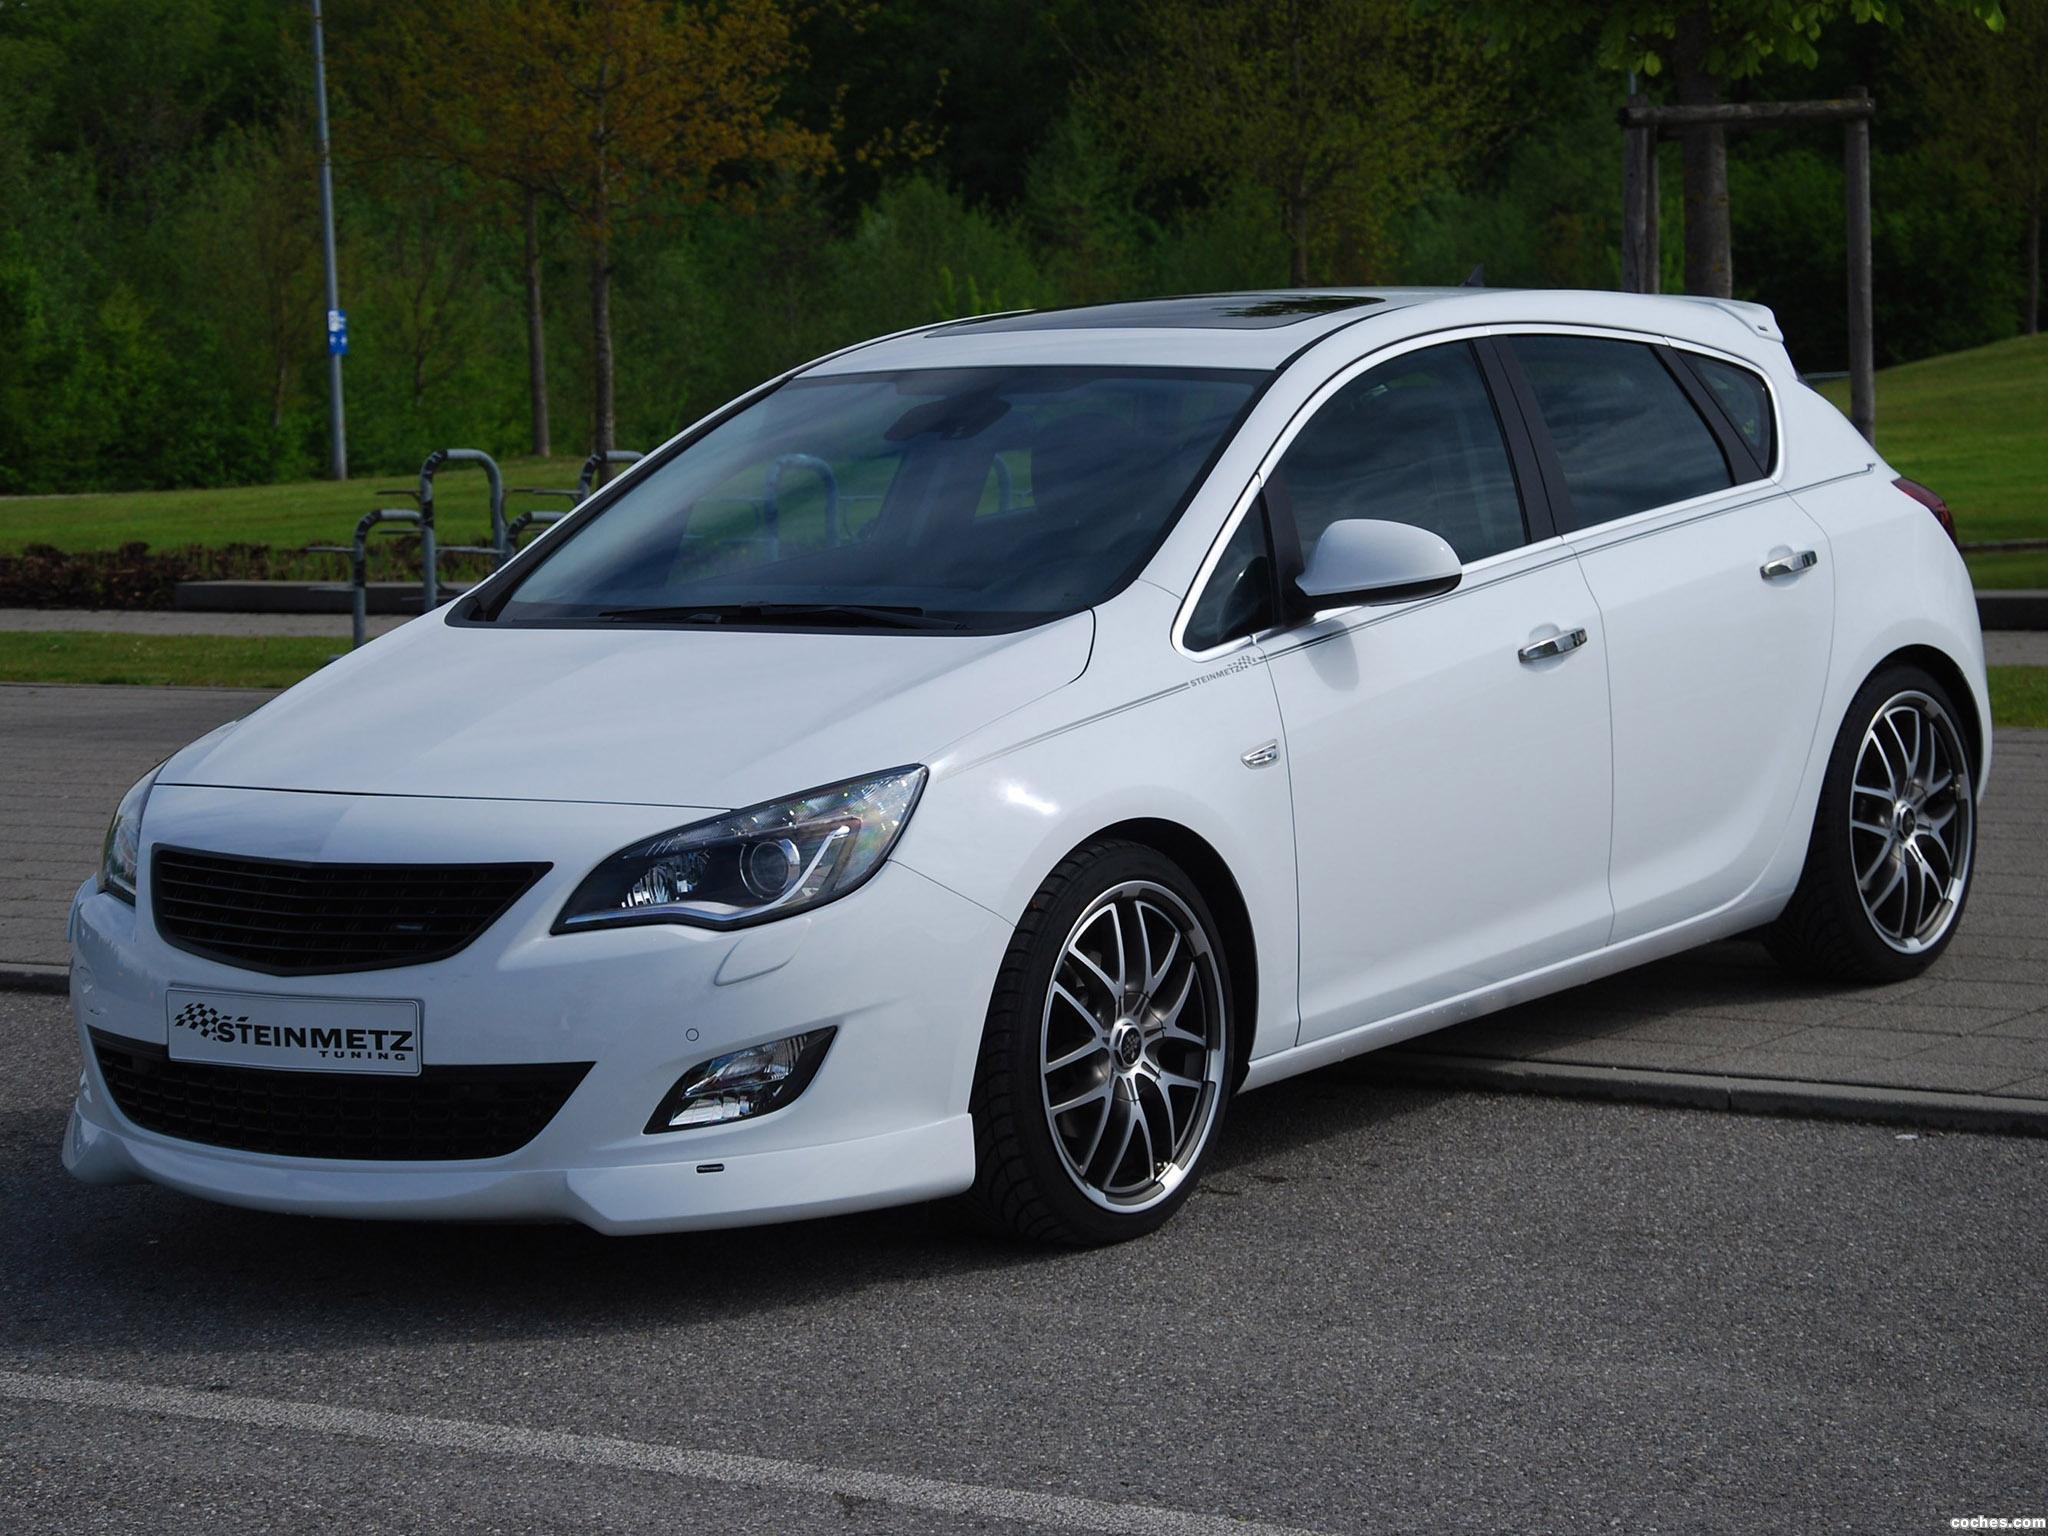 Foto 0 de Steinmetz Opel Astra I 2010